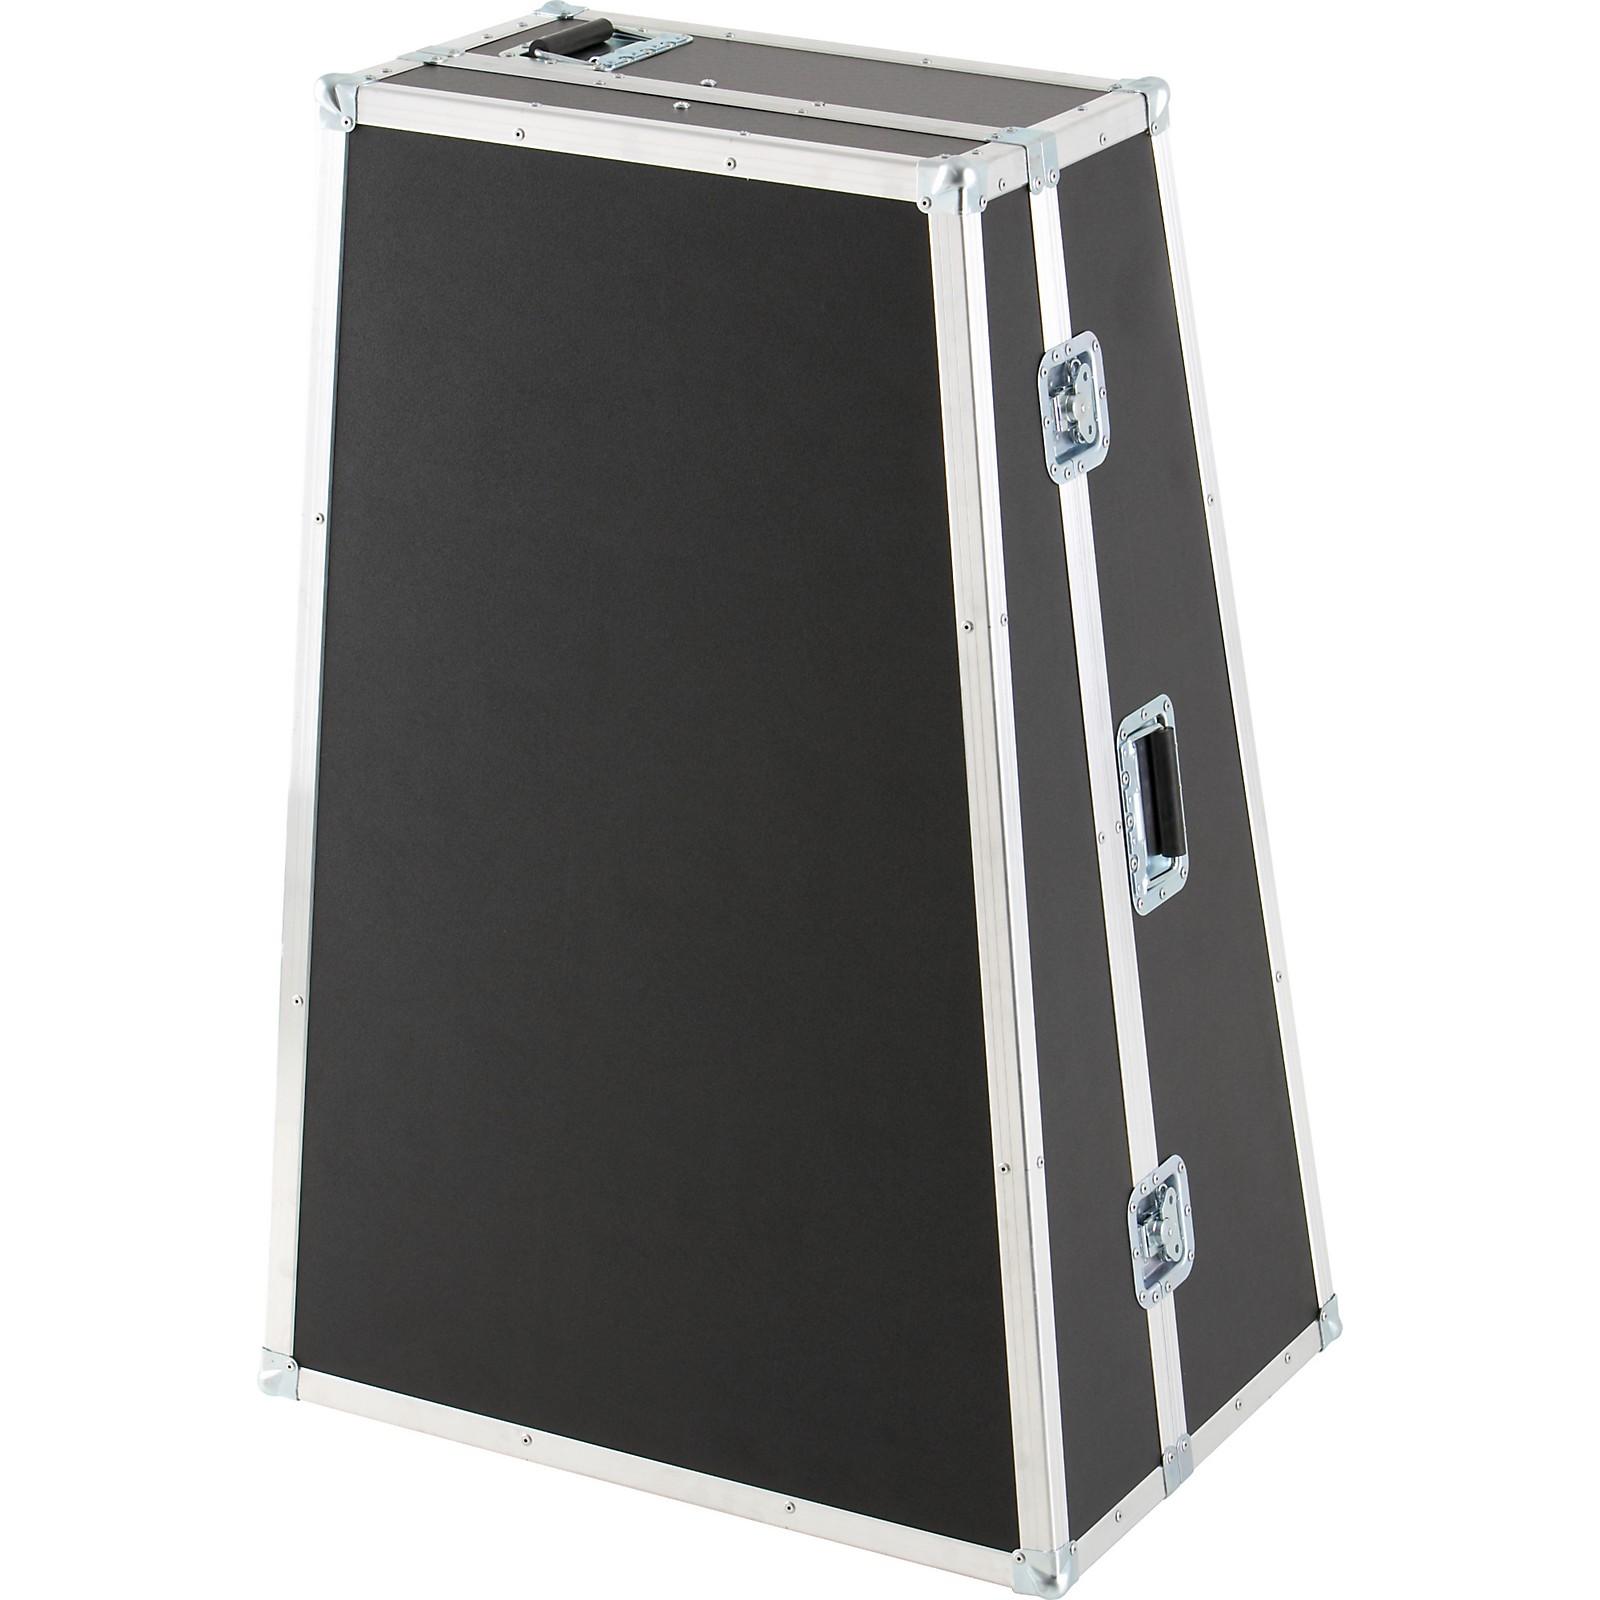 Unitec ABE Alan Baer Lightweight Series Tuba Case for Meinl Weston 6450 CC Tuba